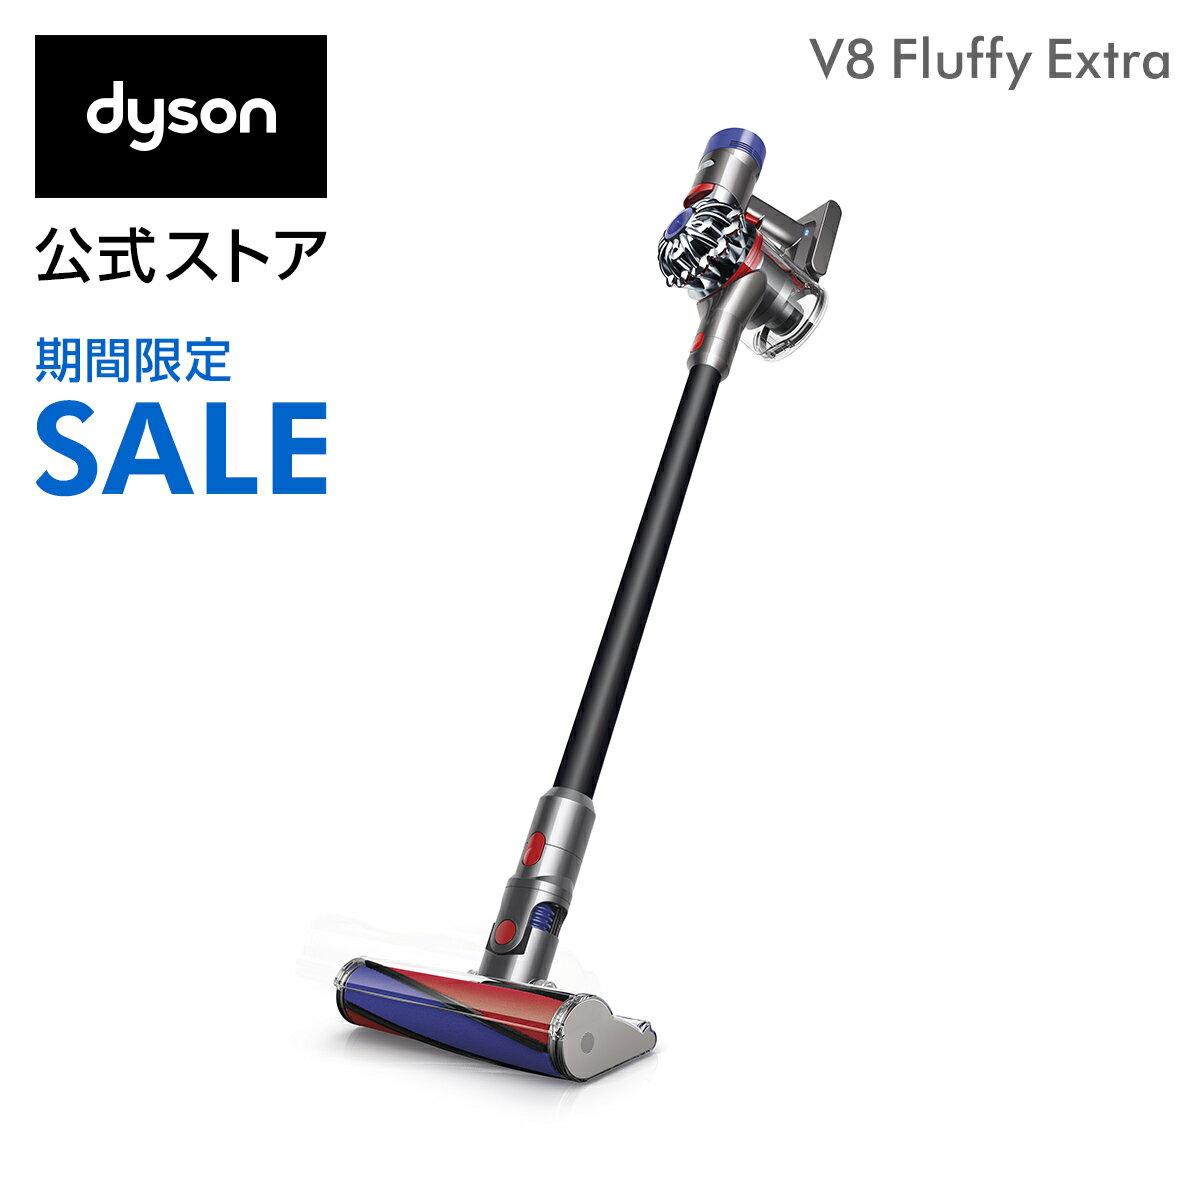 34%OFF【期間限定】30日23:59まで!【数量限定 Black Edition】ダイソン Dyson V8 Fluffy Extra サイクロン式 コードレス掃除機 dyson SV10 FF BK 直販限定モデル